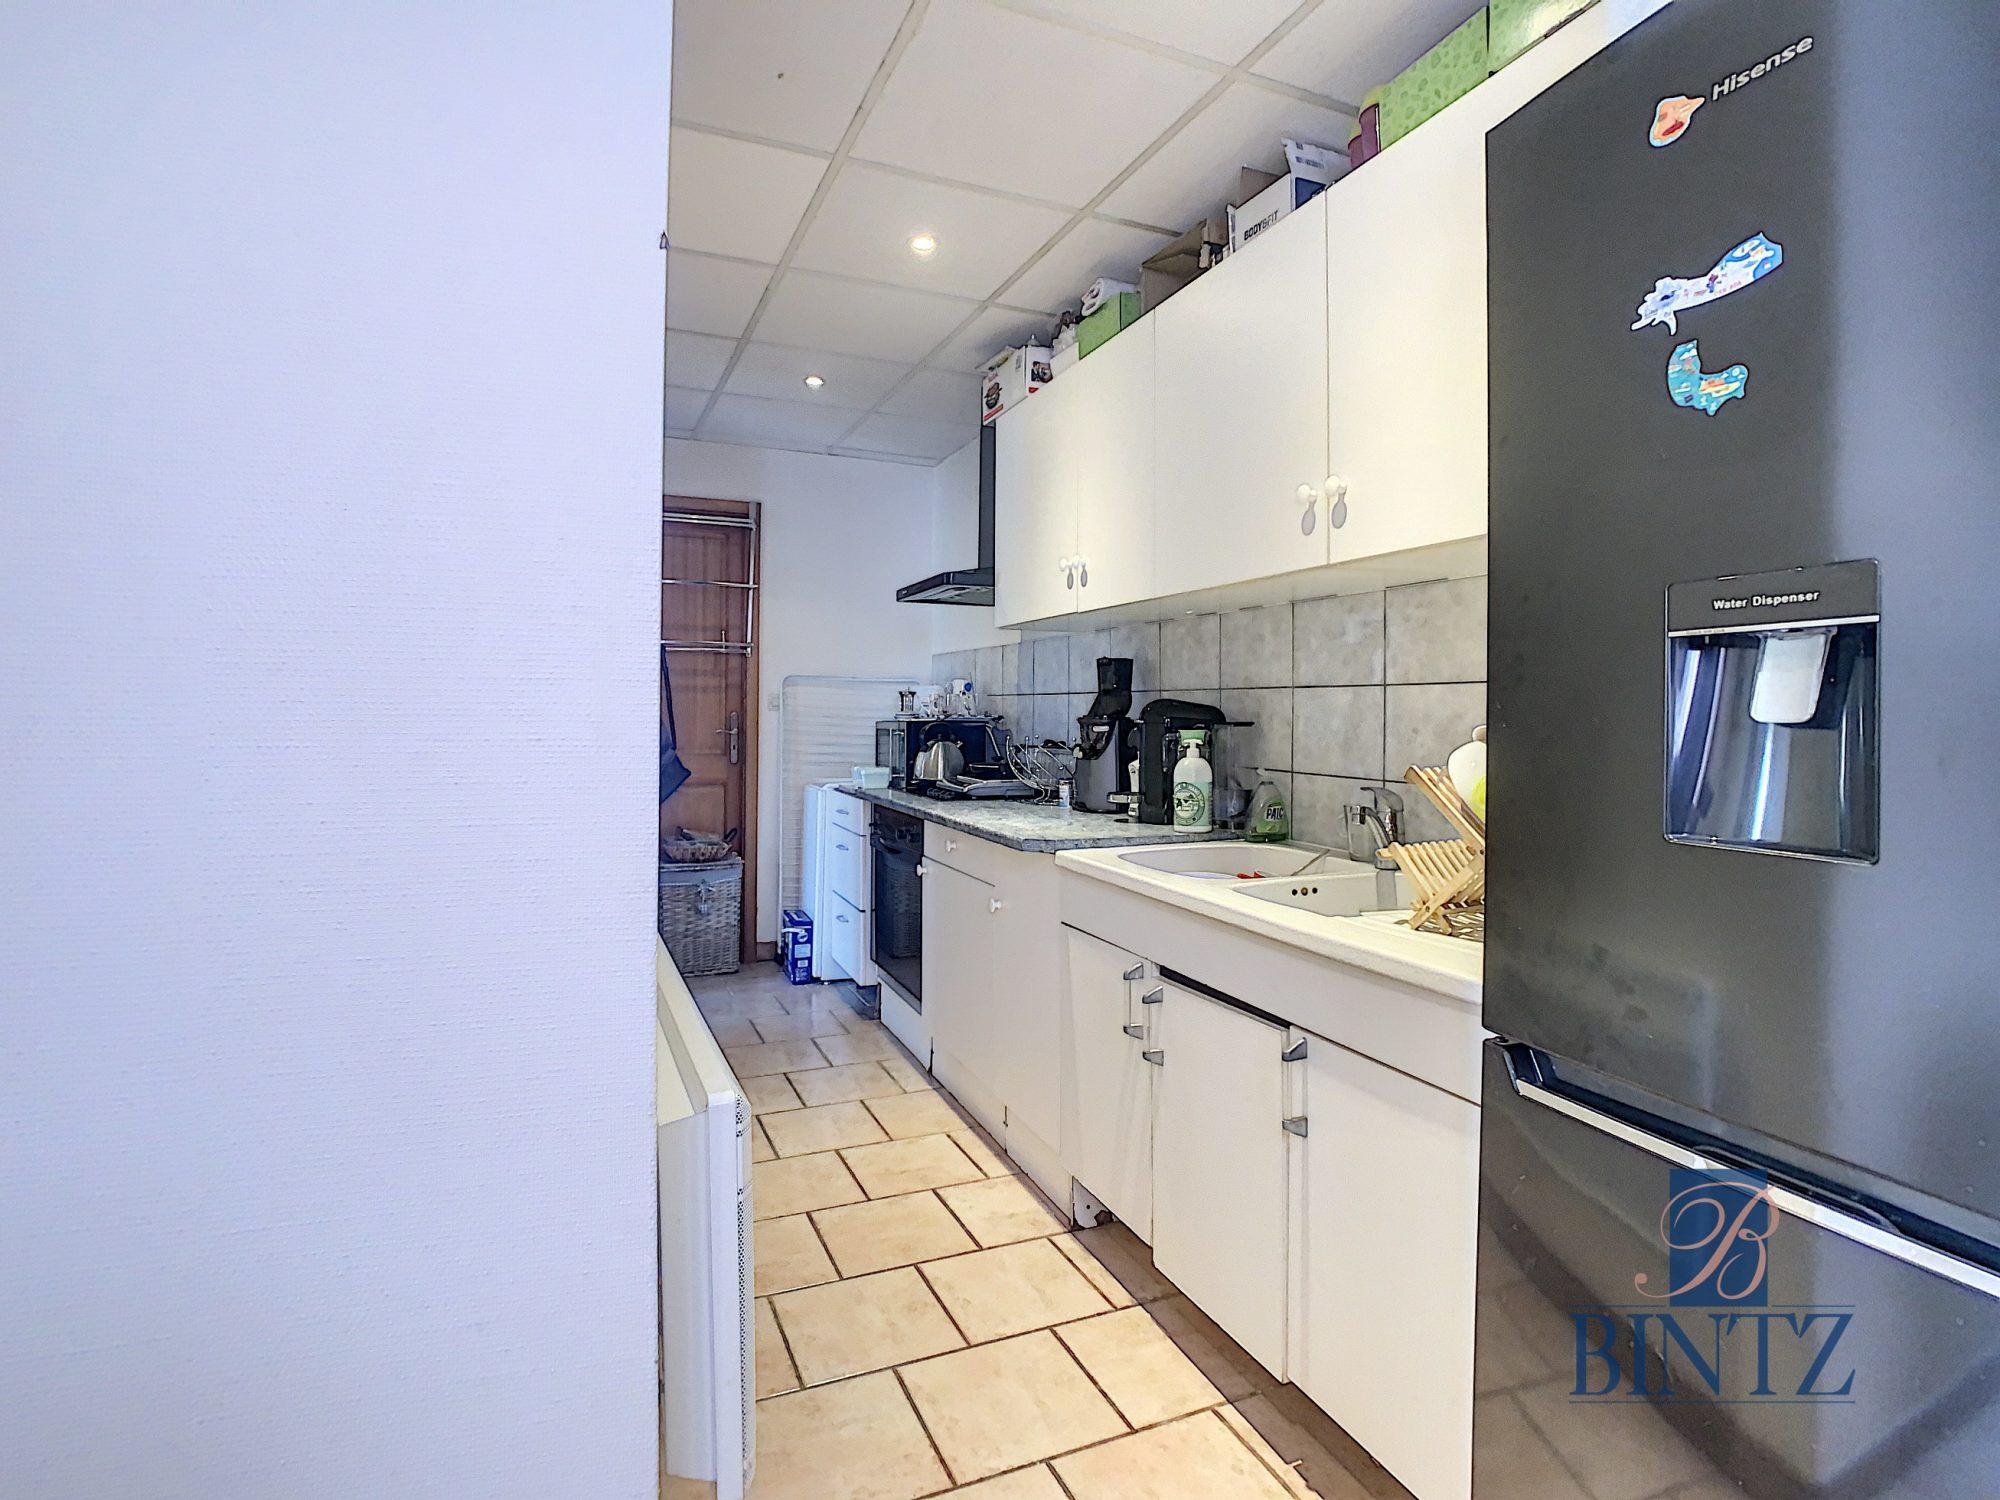 Pour investisseur : maison 2 pièces louée, avec garage fermé - Devenez propriétaire en toute confiance - Bintz Immobilier - 9